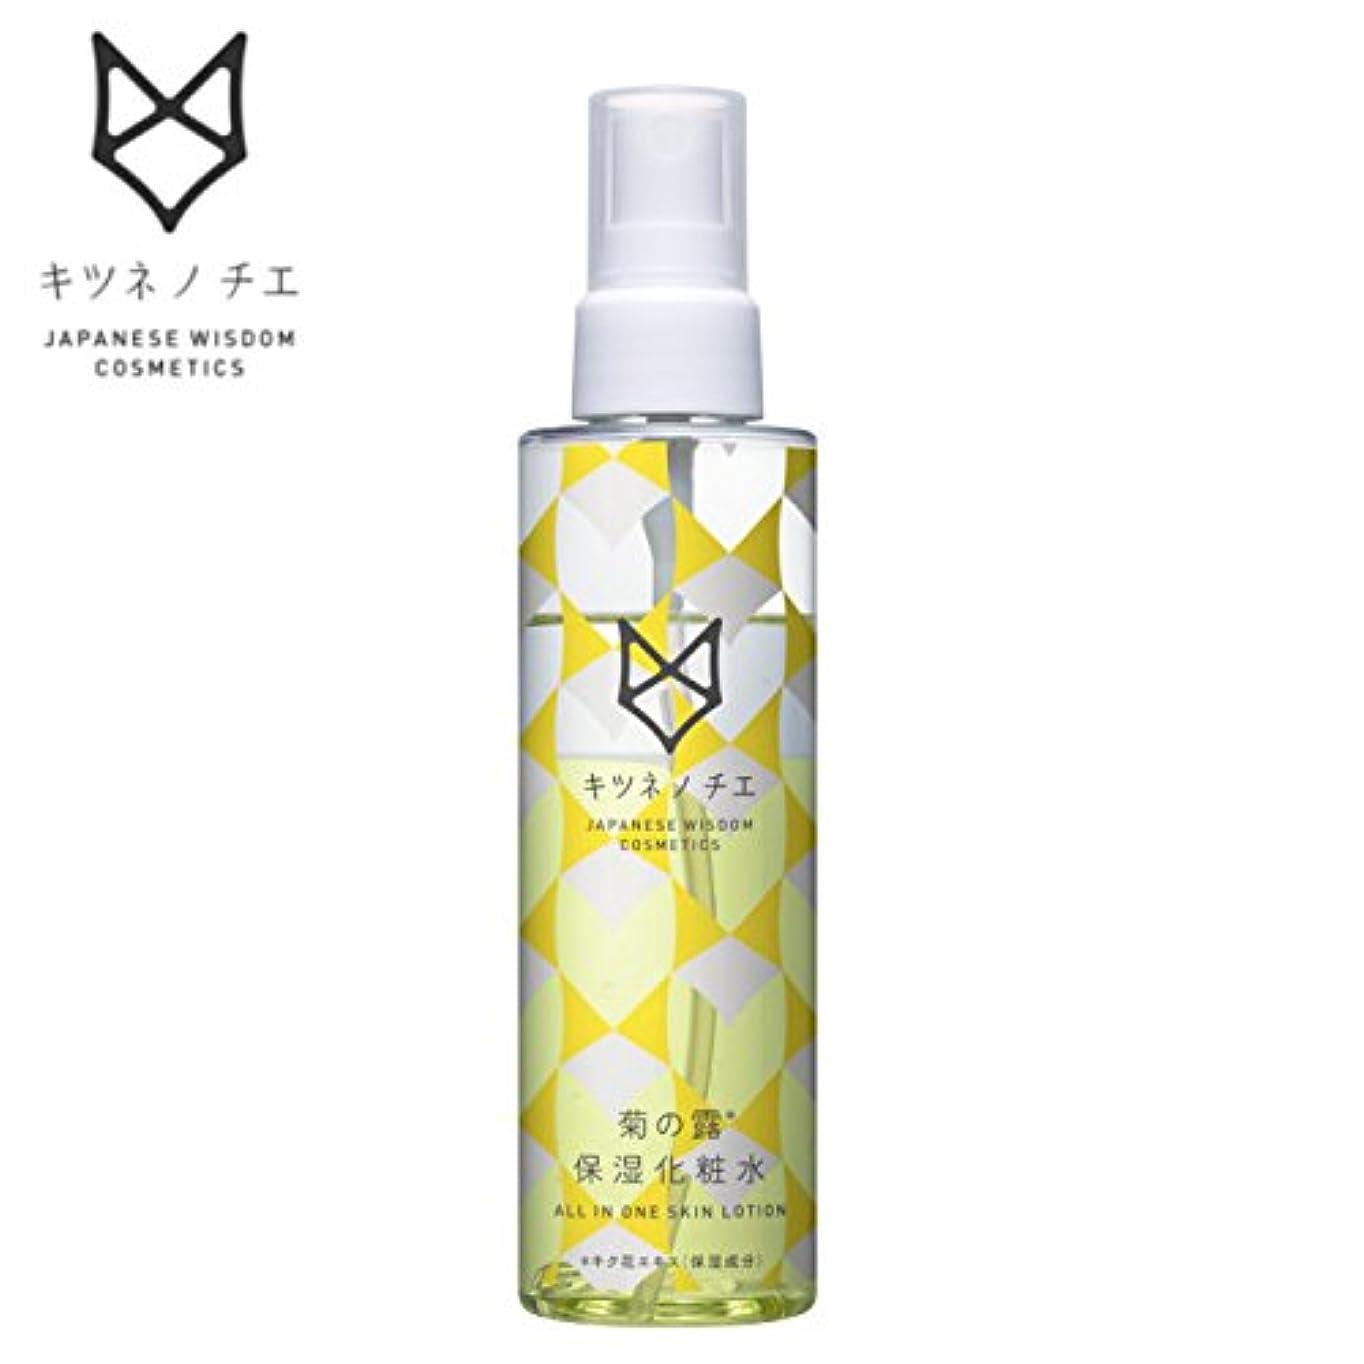 疎外モナリザ推進キツネノチエ 菊の露 保湿化粧水